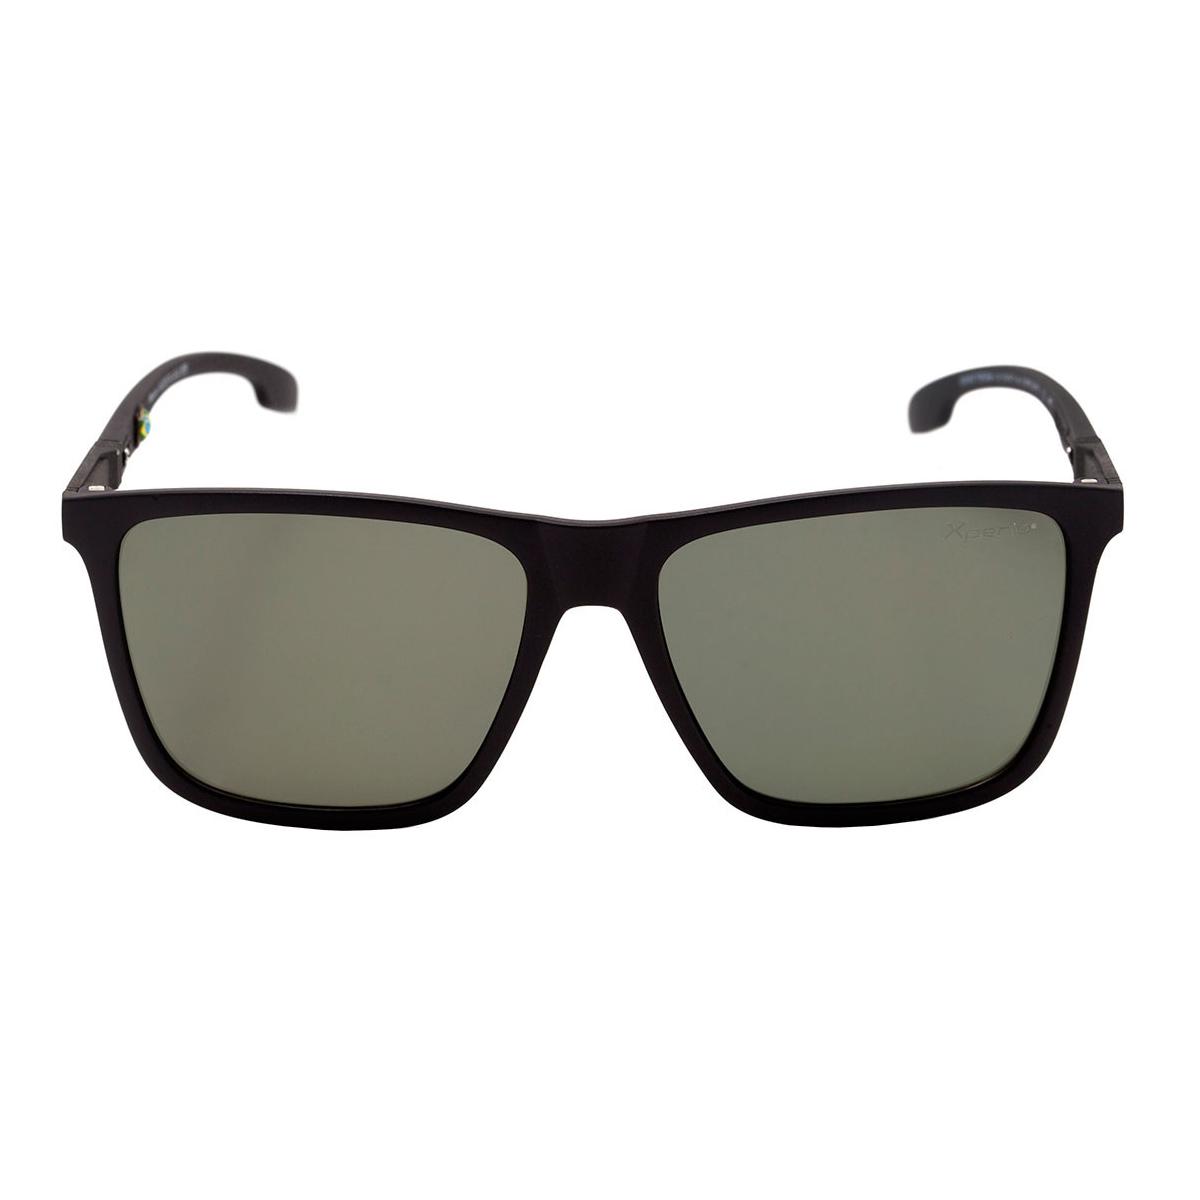 Óculos Mormaii Hawaii Preto Fosco  Lente G15 Polarizado ref M0034A1489 a3e19fd9cf